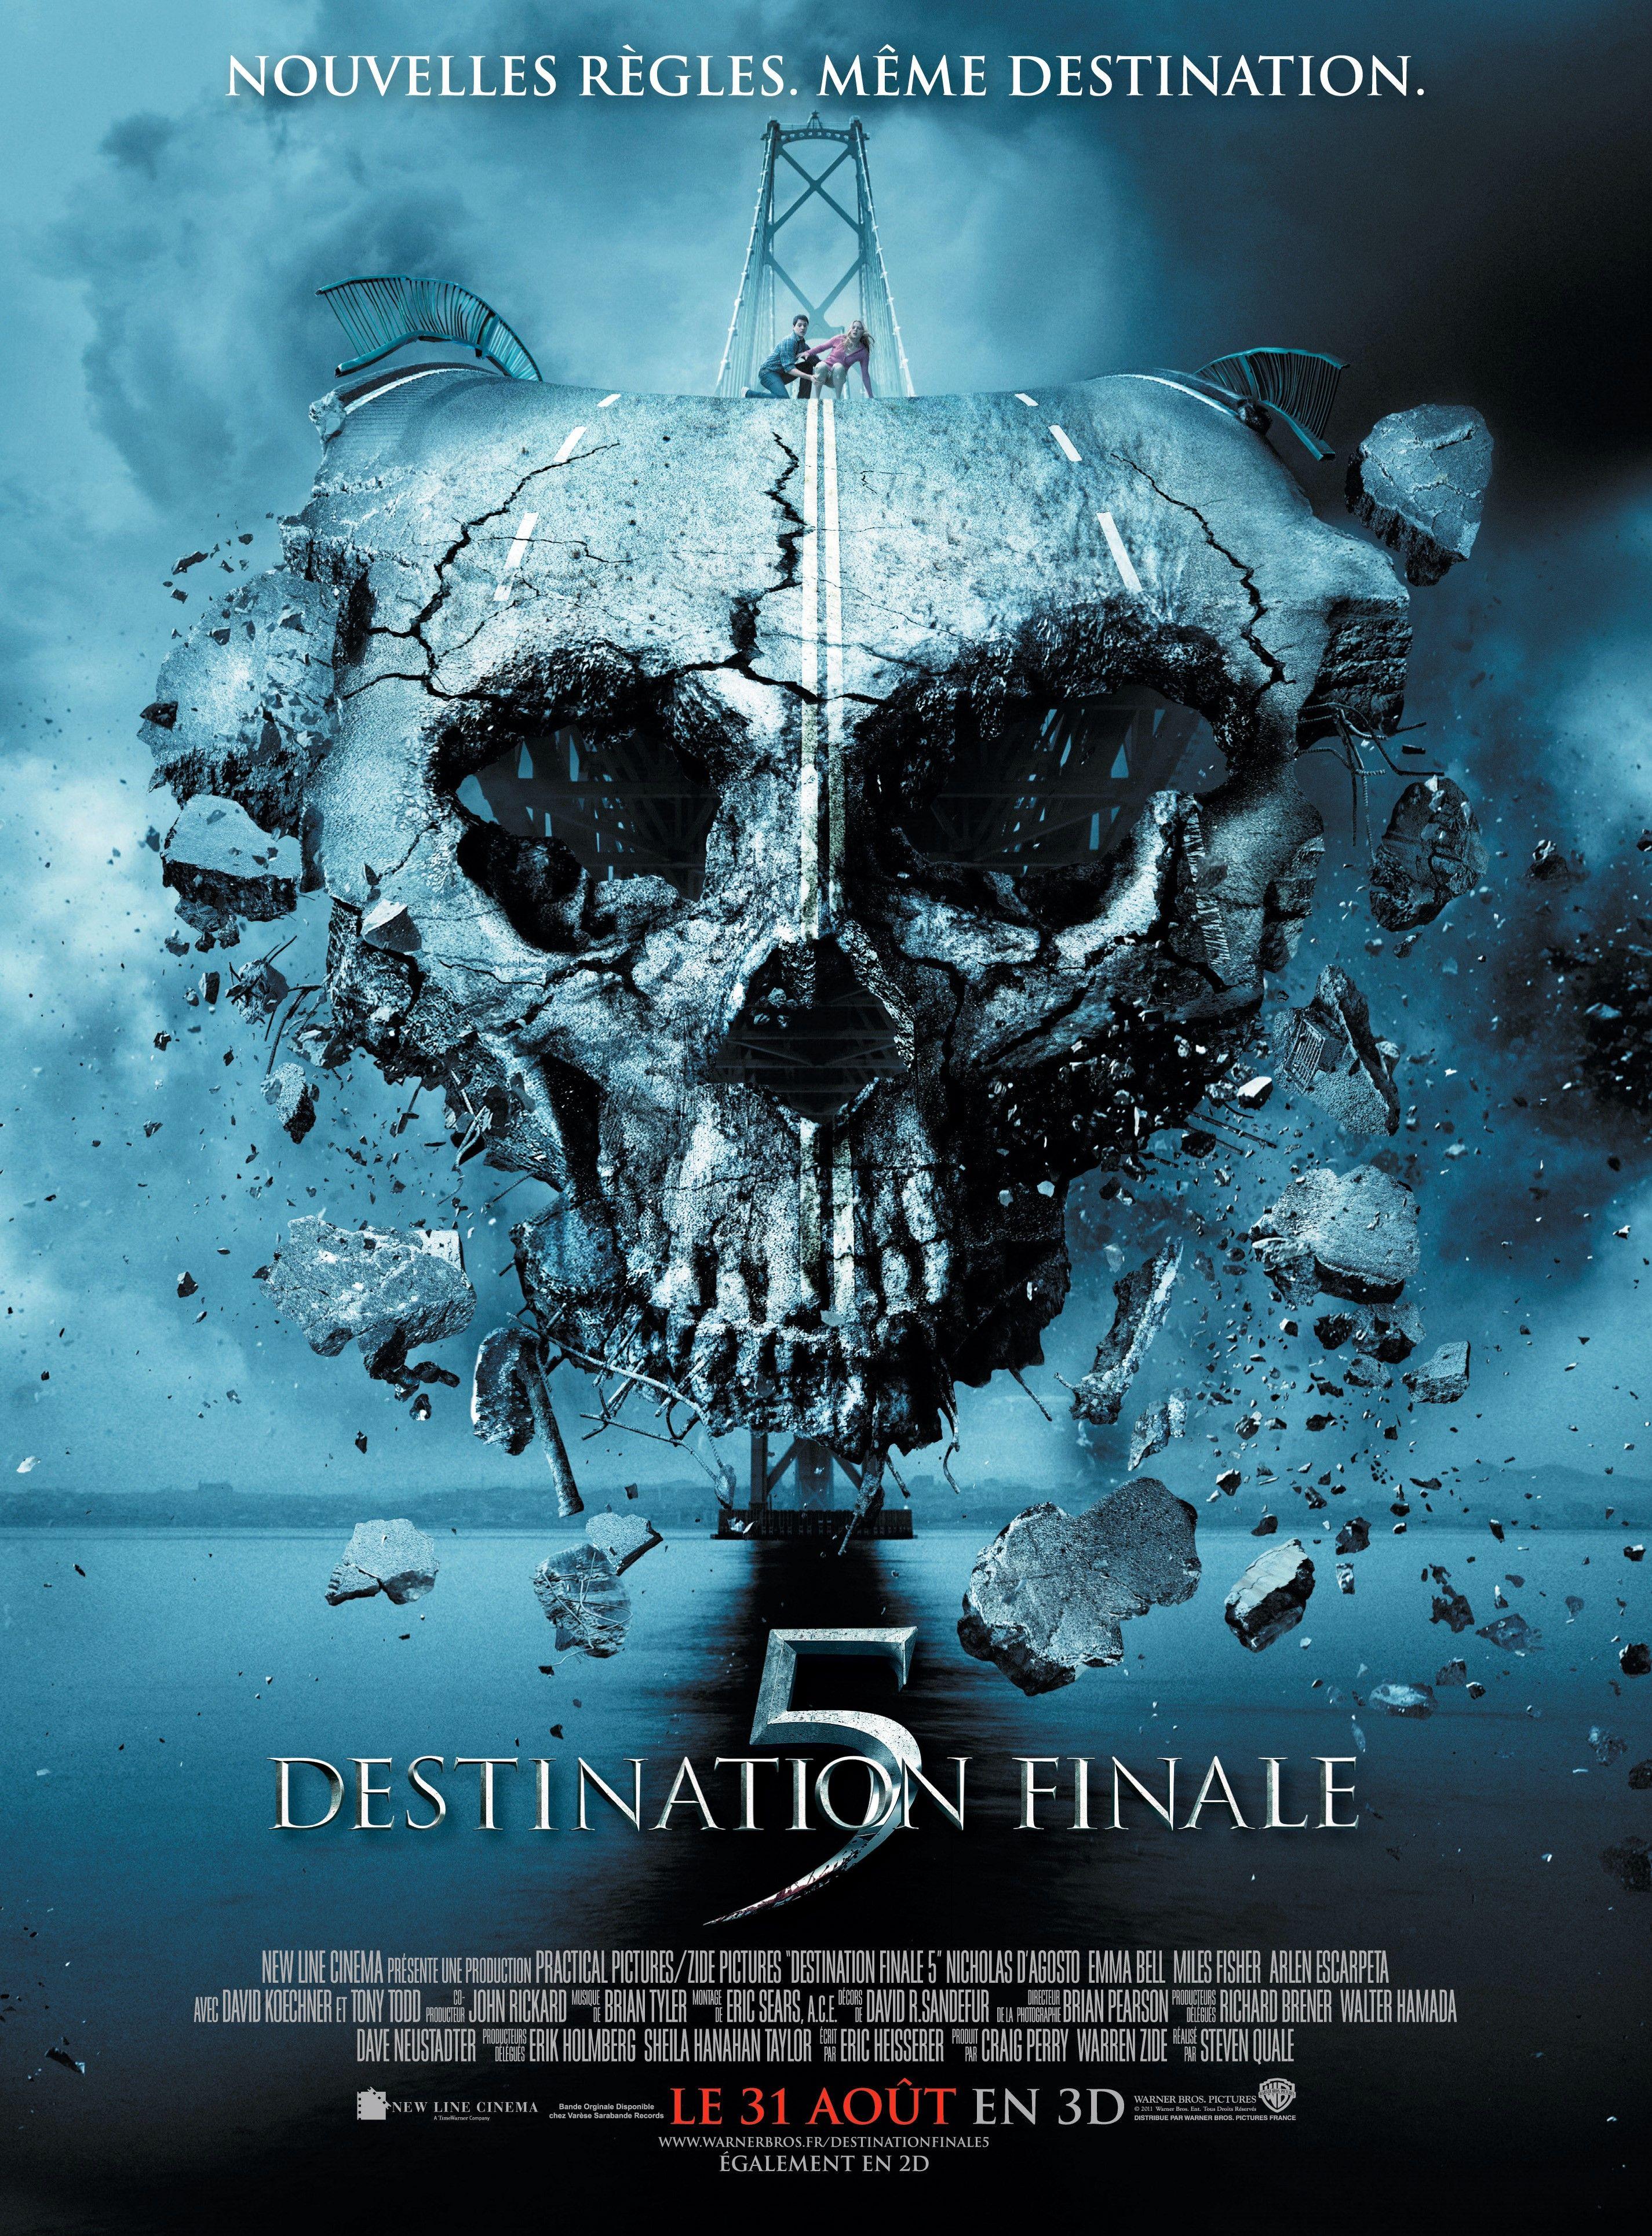 Destination Finale 5 2011 Jpg 2851 3859 Affiches De Films D Horreur Film Meilleur Film Horreur